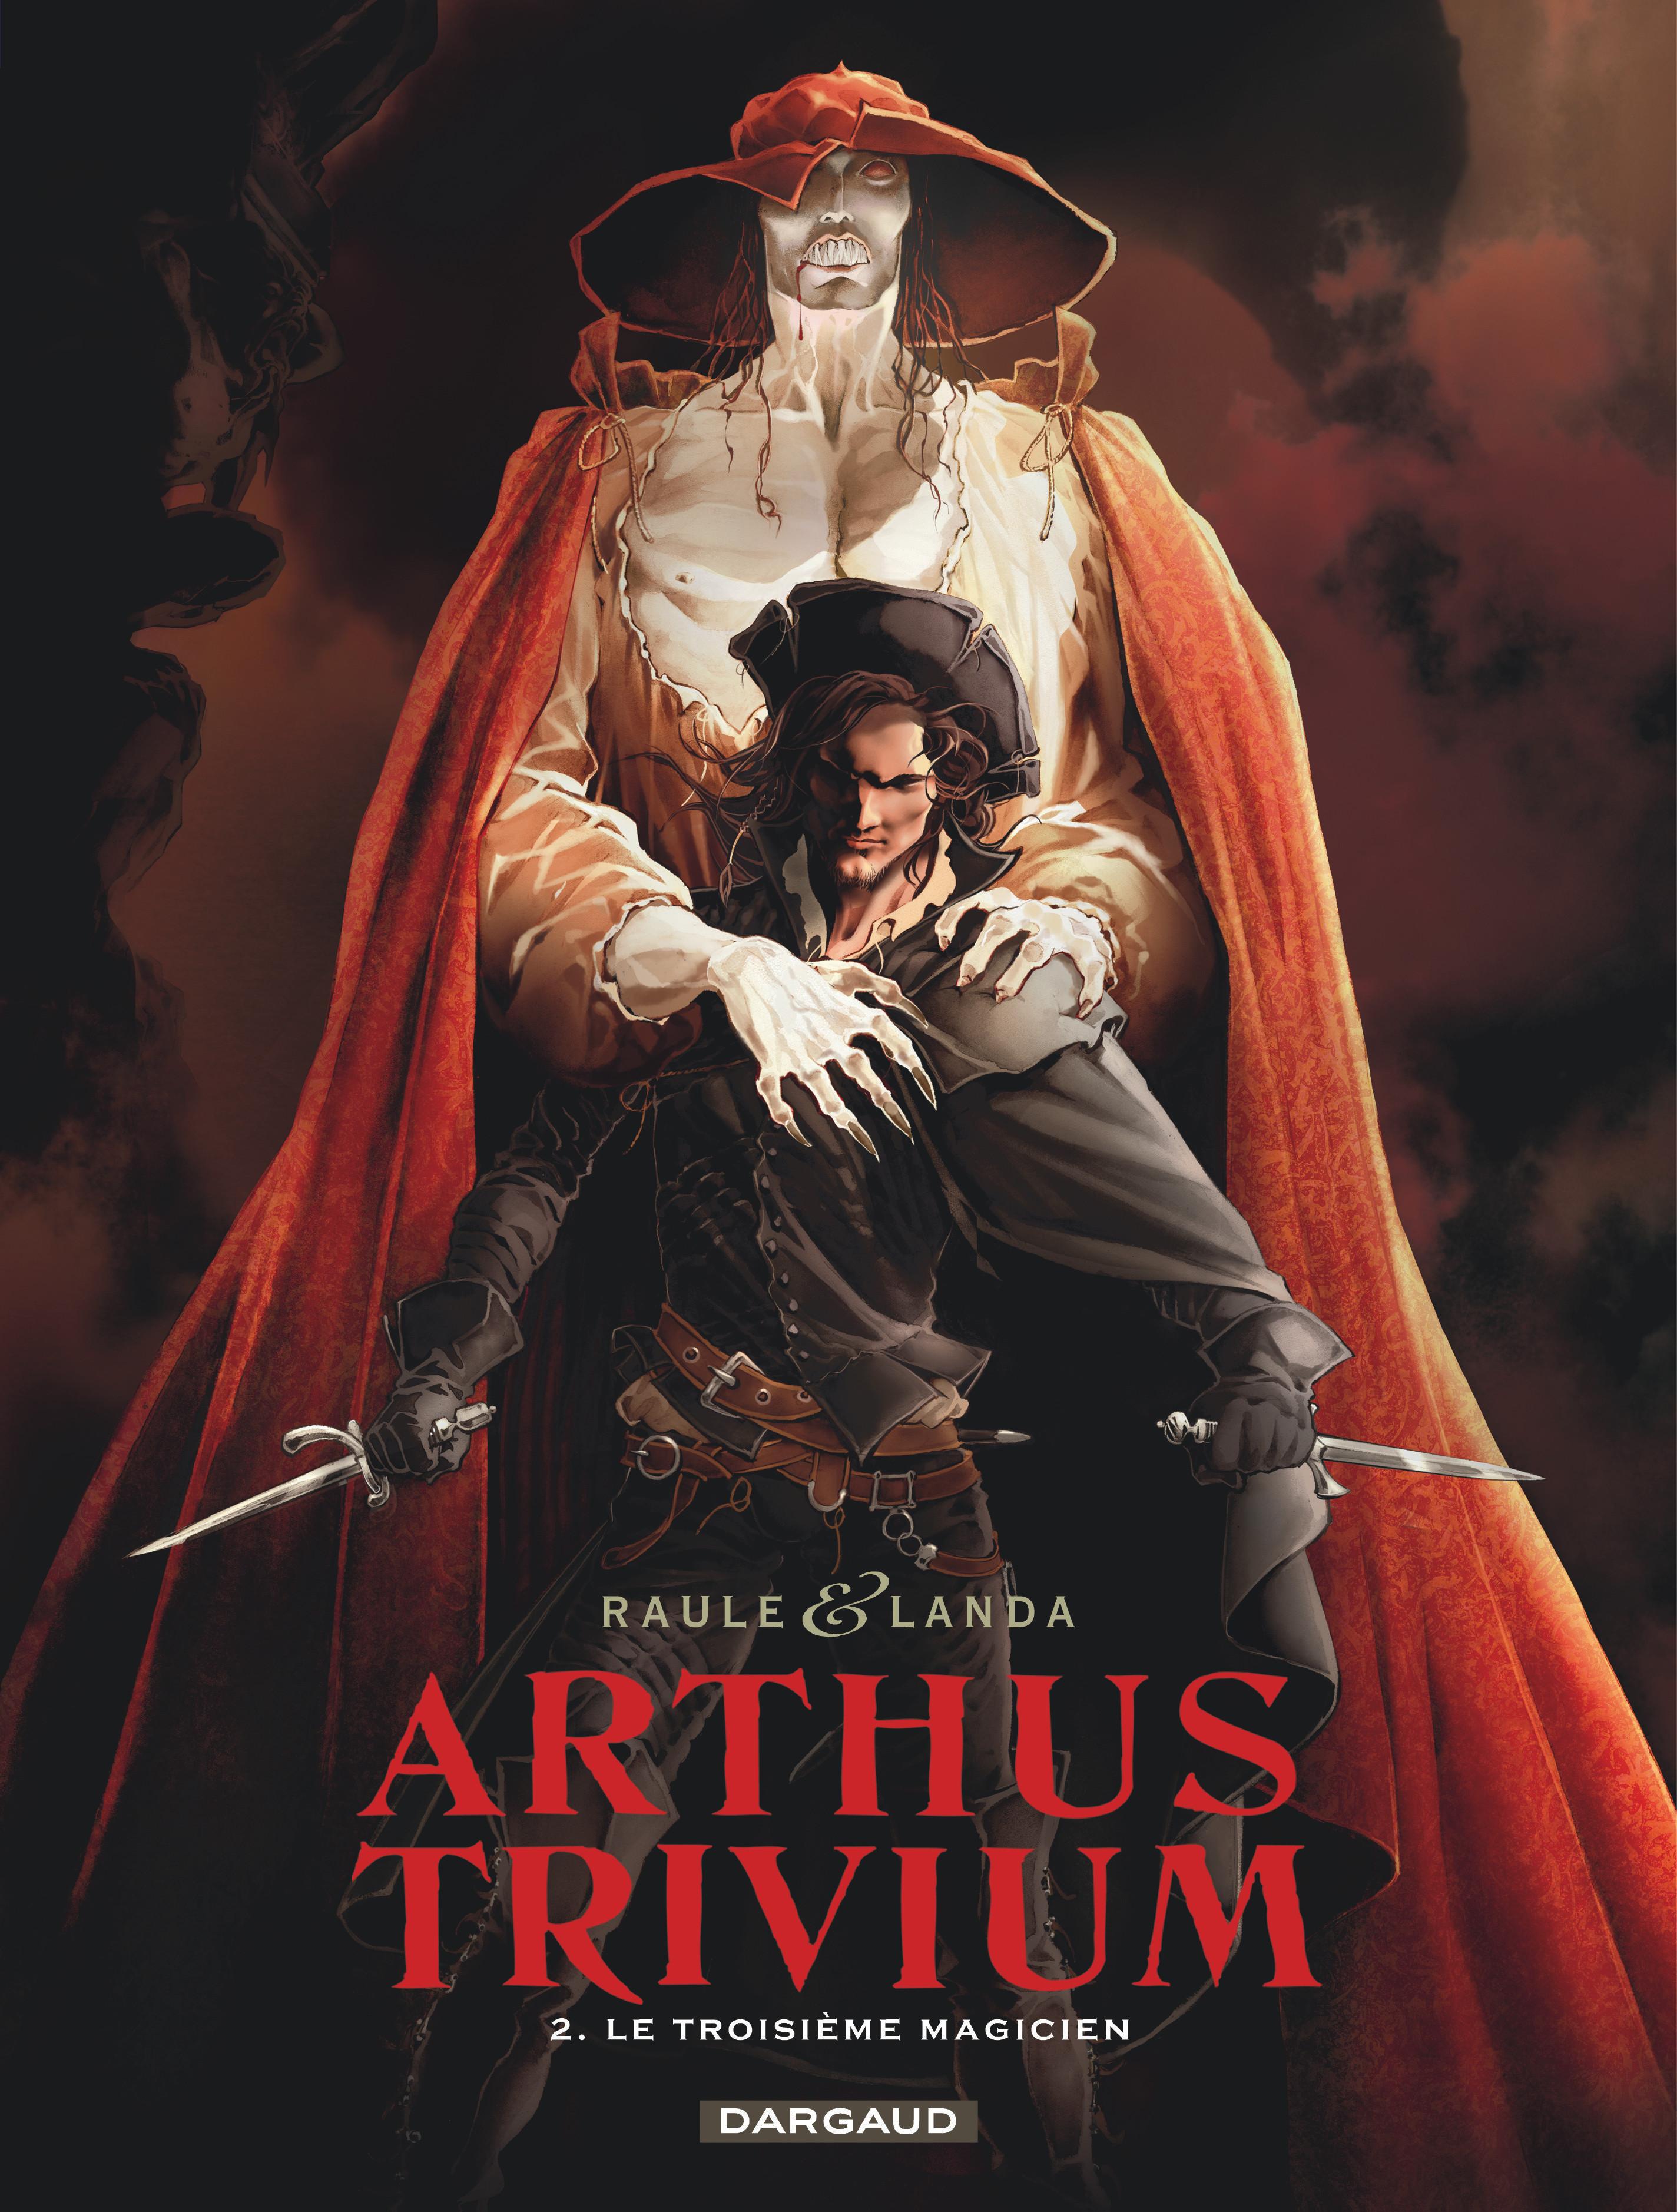 arthus-trivium-raule-landa-tome-2-troisieme-magicien-couverture